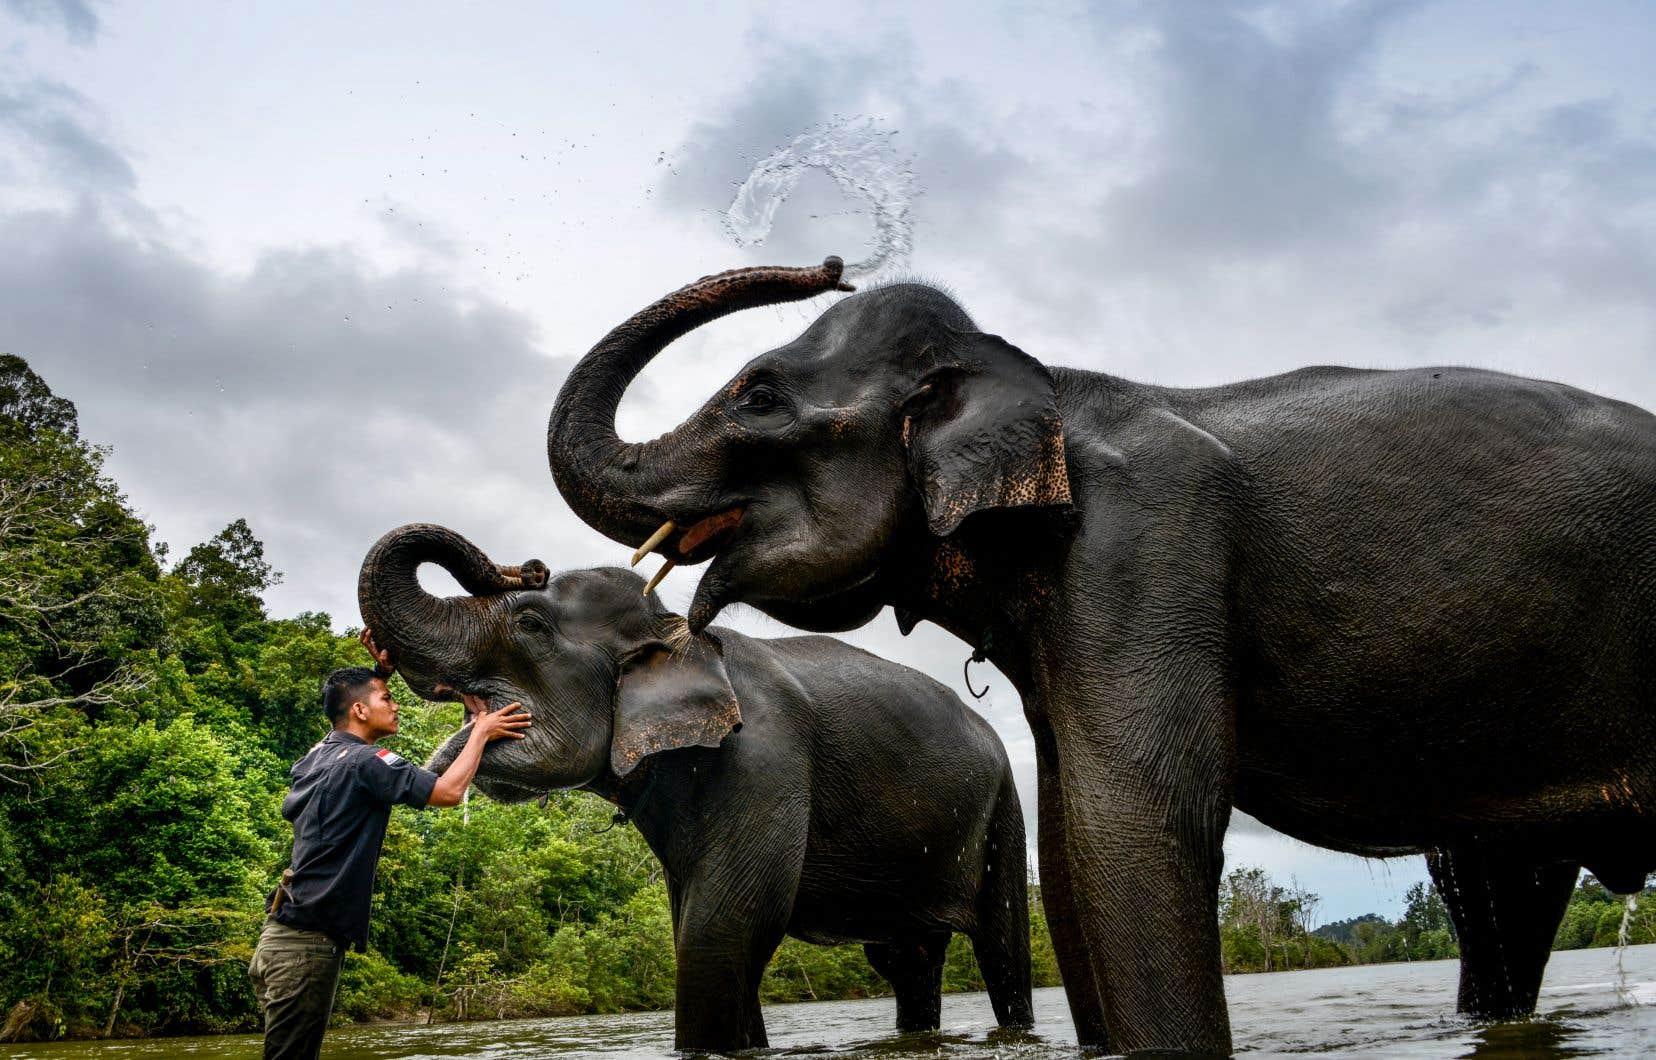 Entre 1970 et 2016, 68% de cette faune sauvage a disparu, selon l'Indice planète vivante, outil de référence publié tous les deux ans par le WWF.